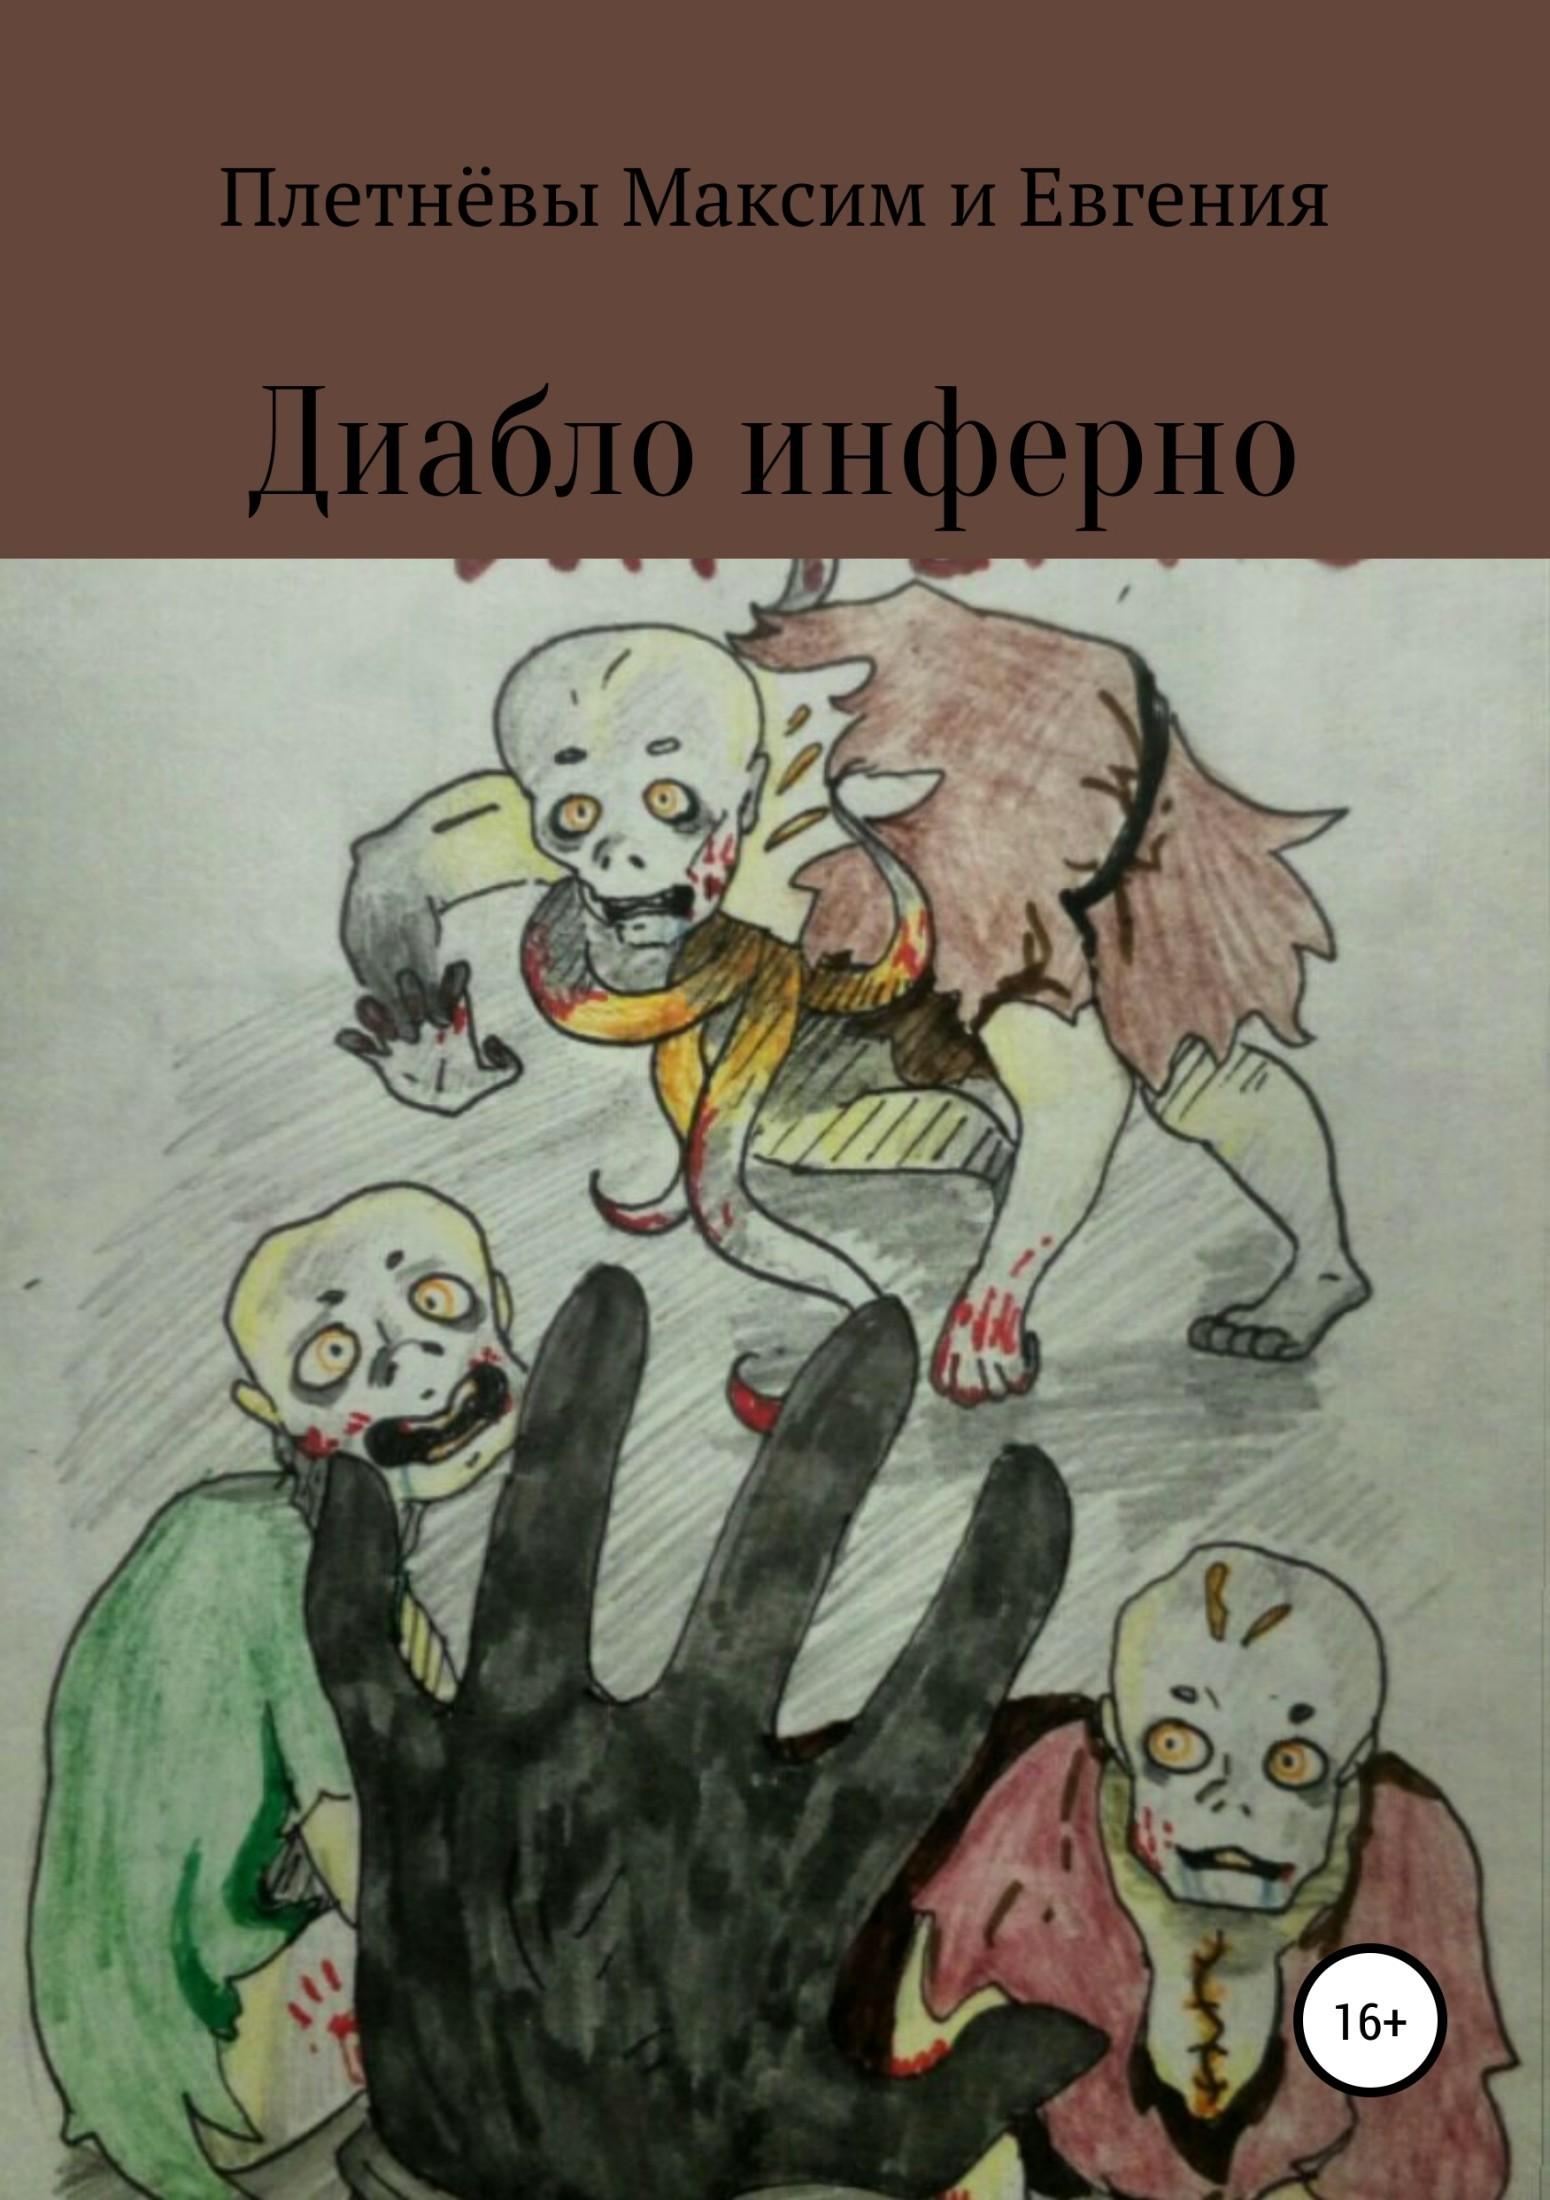 Максим Плетнёв, Евгения Плетнёва - Диабло инферно